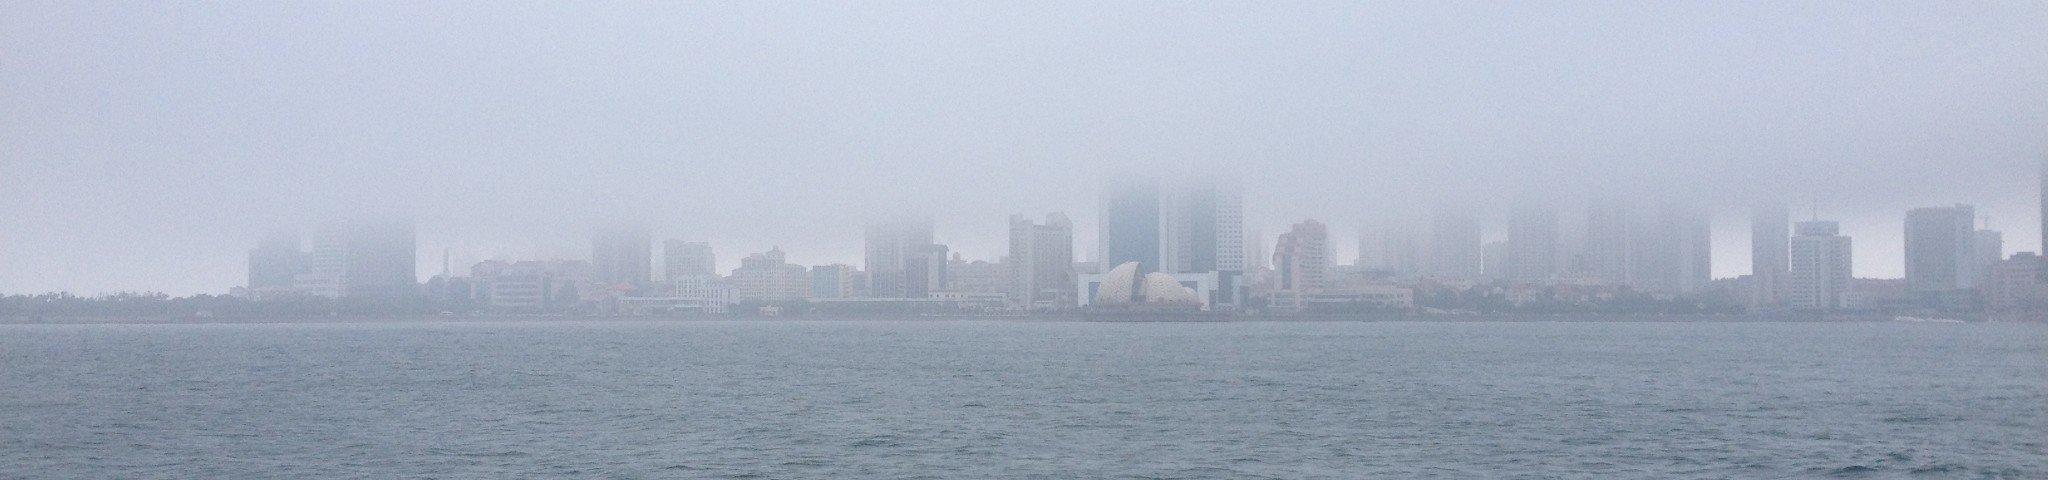 偷闲青岛,漫步老城